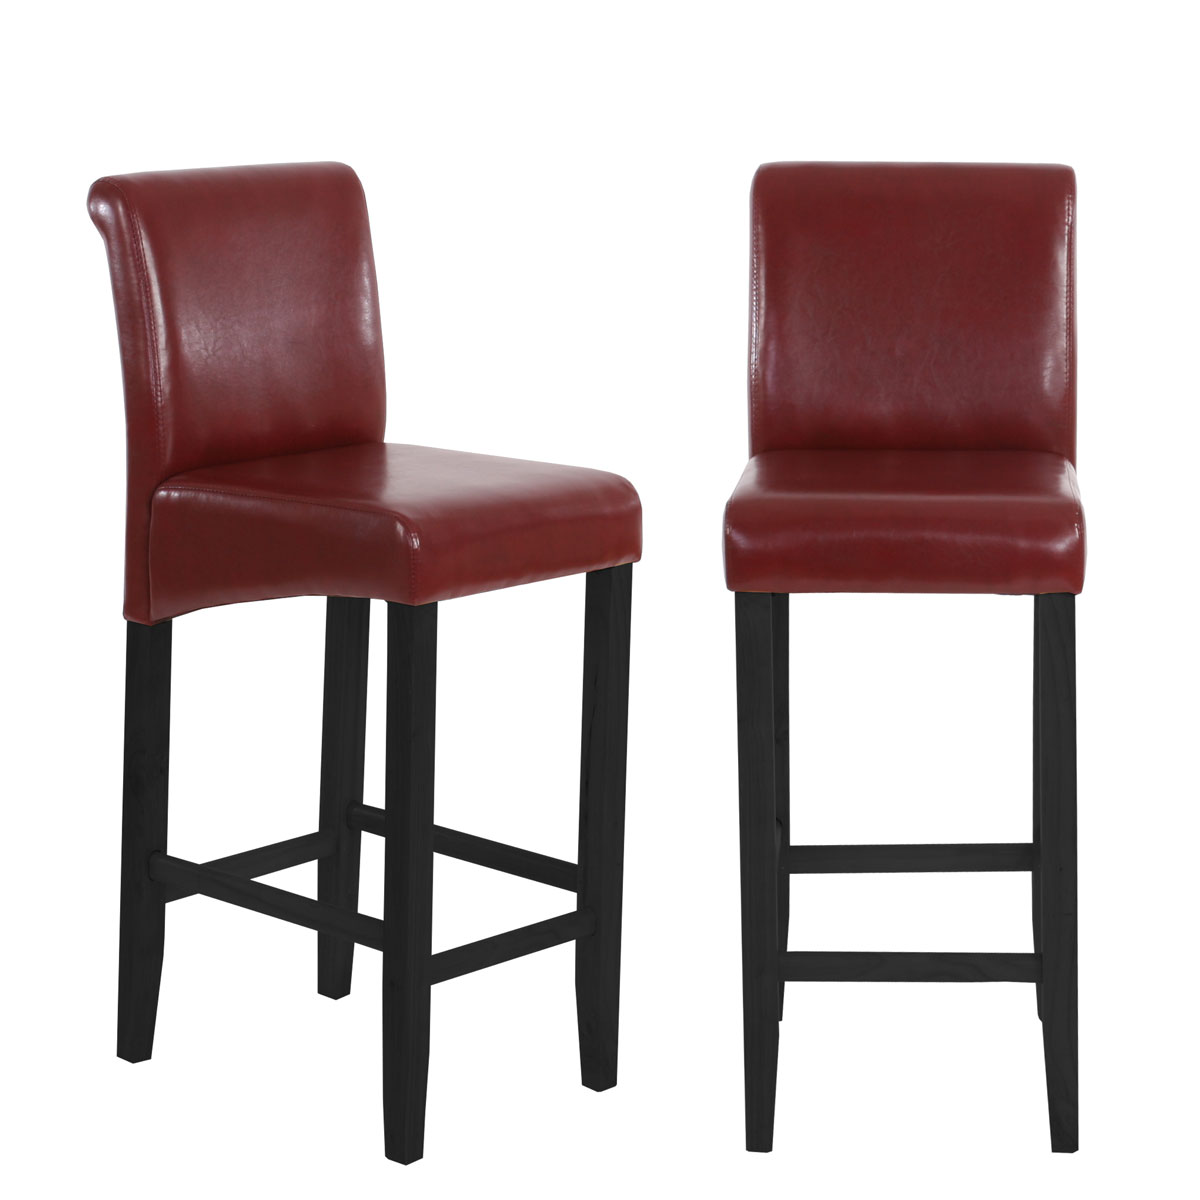 2x barhocker hwc c33 barstuhl tresenhocker mit lehne leder kunstleder textil ebay. Black Bedroom Furniture Sets. Home Design Ideas